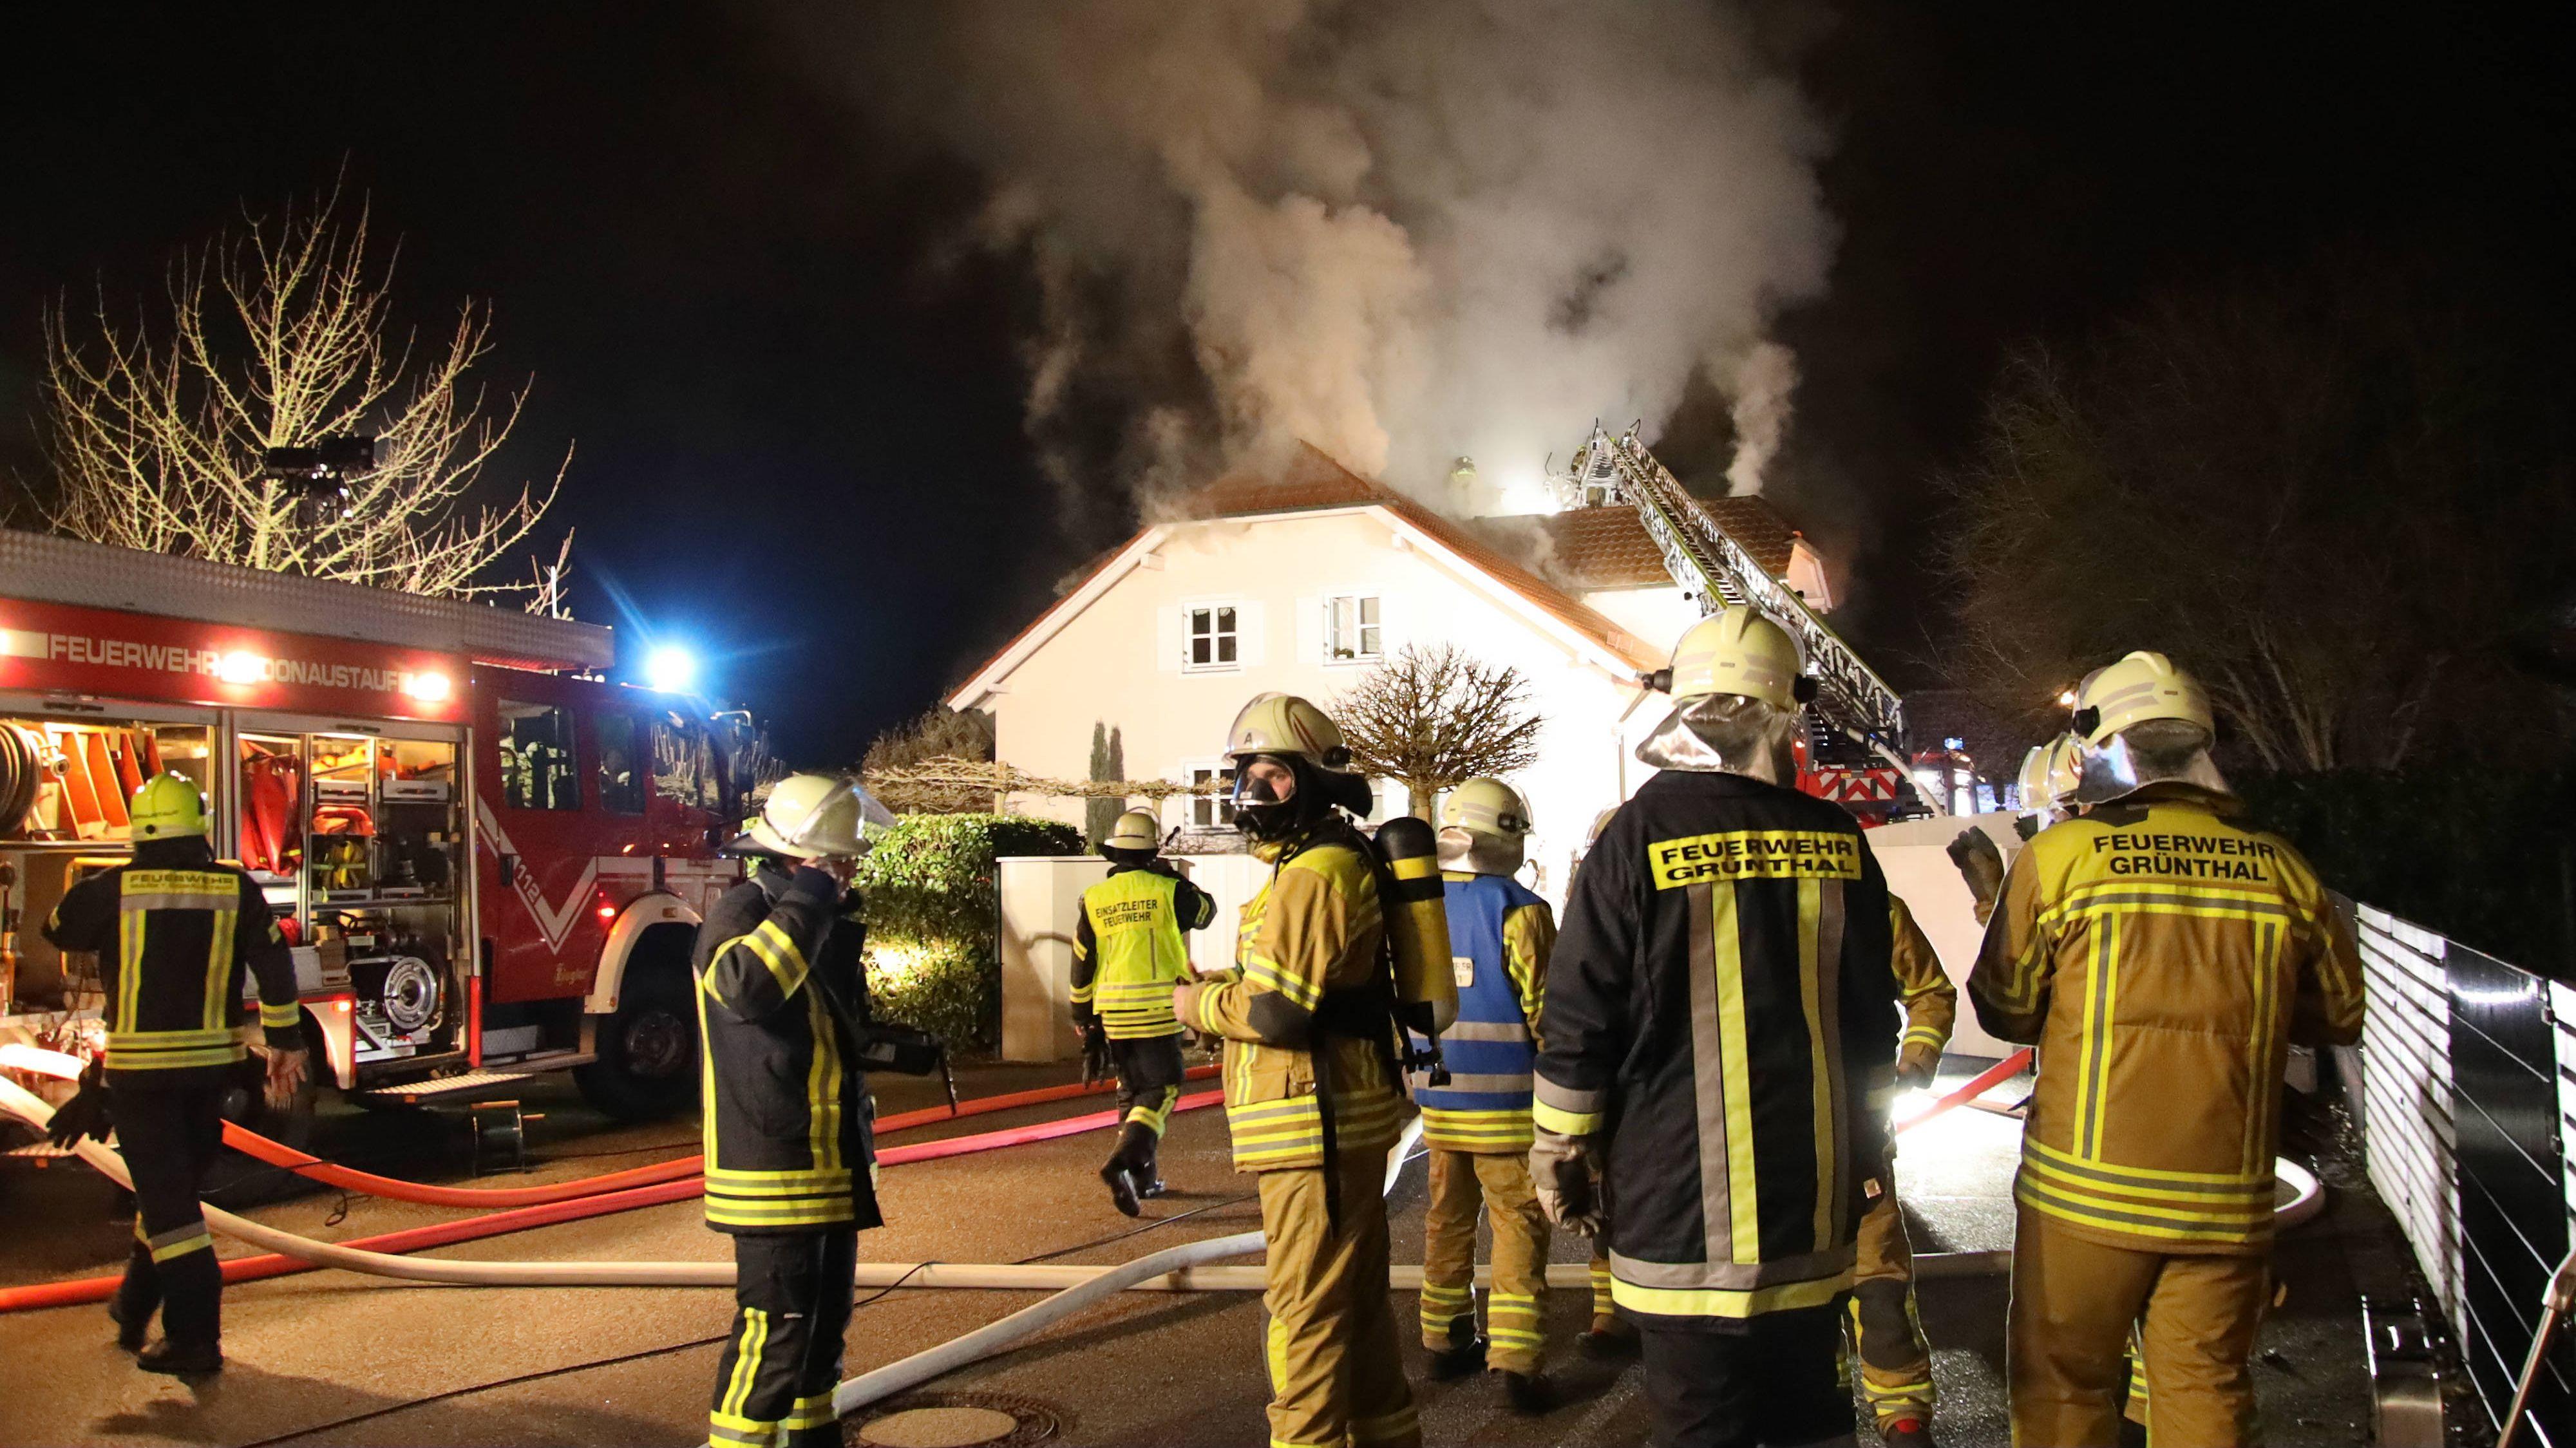 Bei dem Brand am zweiten Weihnachtsfeiertag war ein Schaden von etwa 300.000 Euro entstanden. Das Haus war anschließend unbewohnbar.